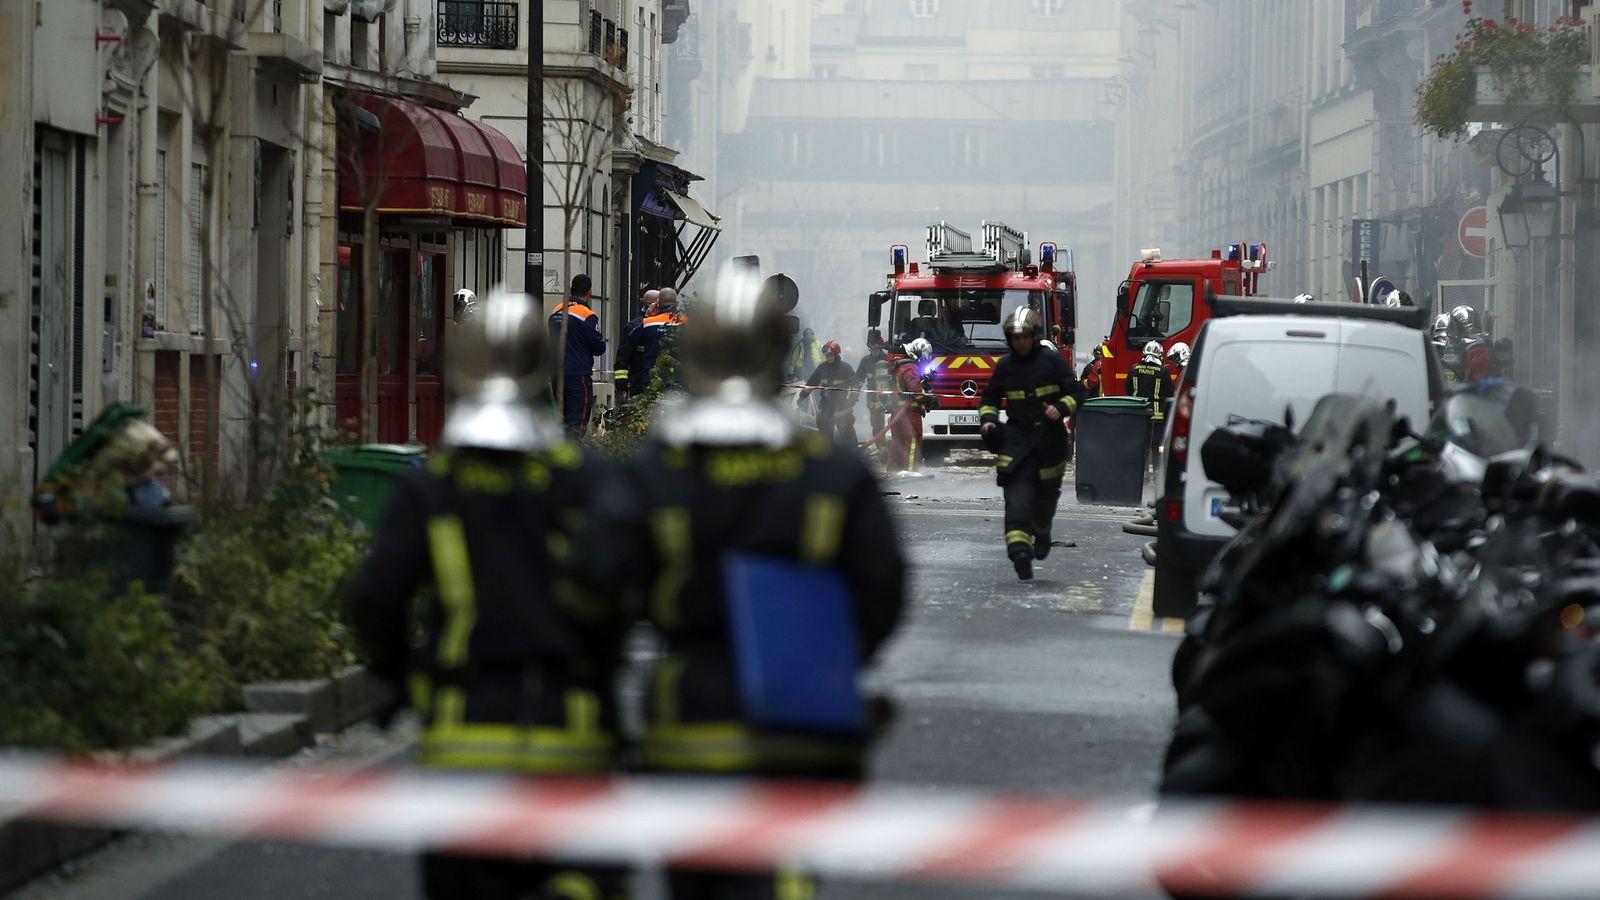 Una persona sigue desaparecida tras la explosión en una panadería de París